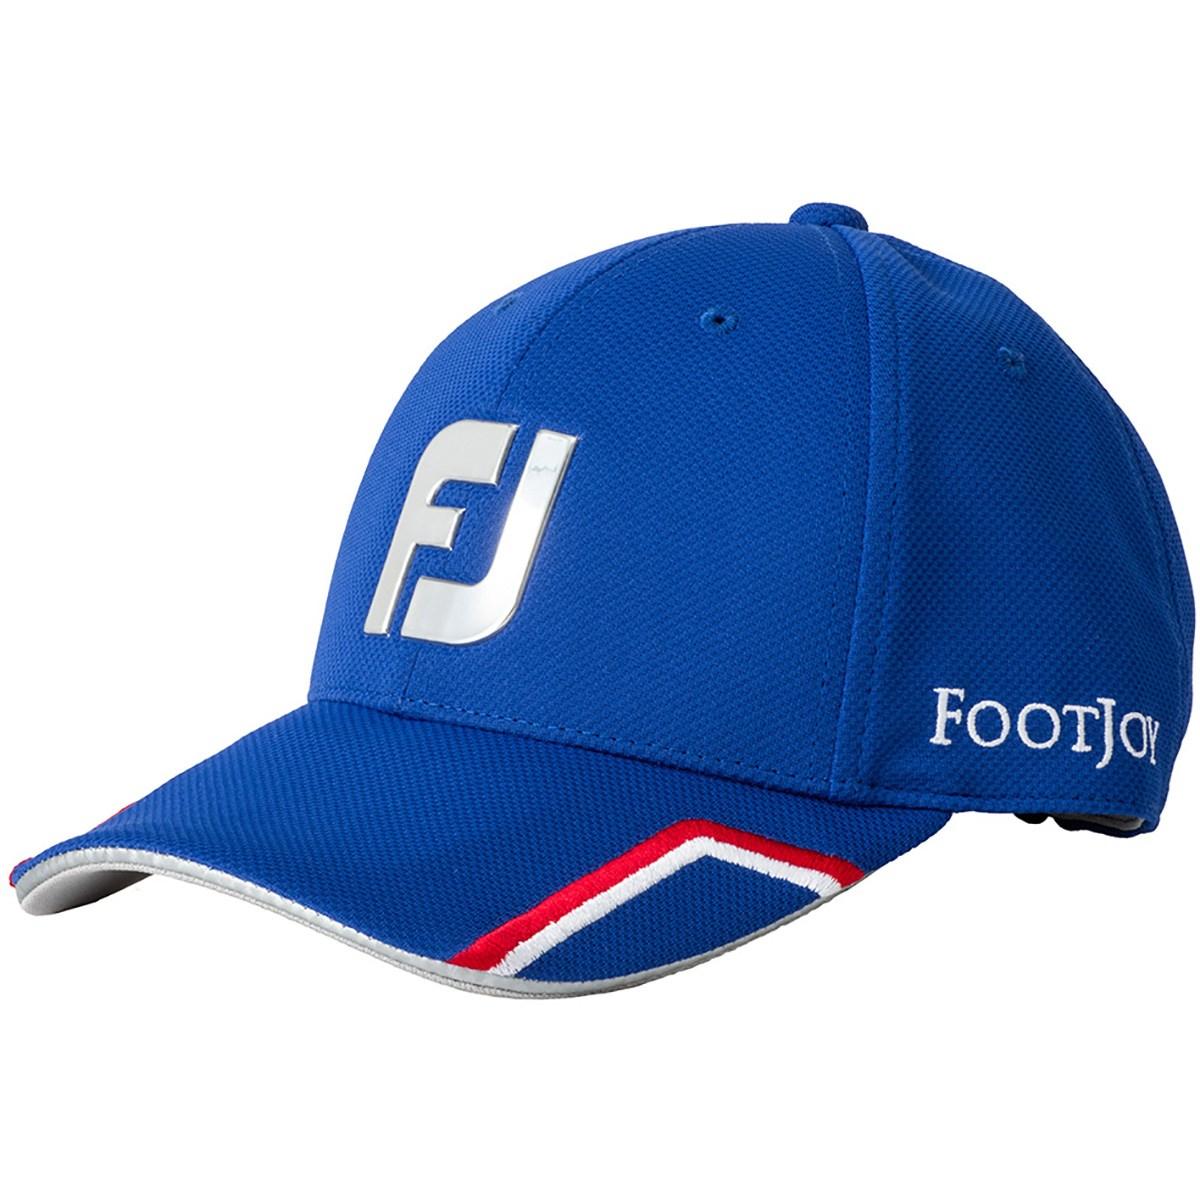 フットジョイ(FootJoy) 遮熱キャップ